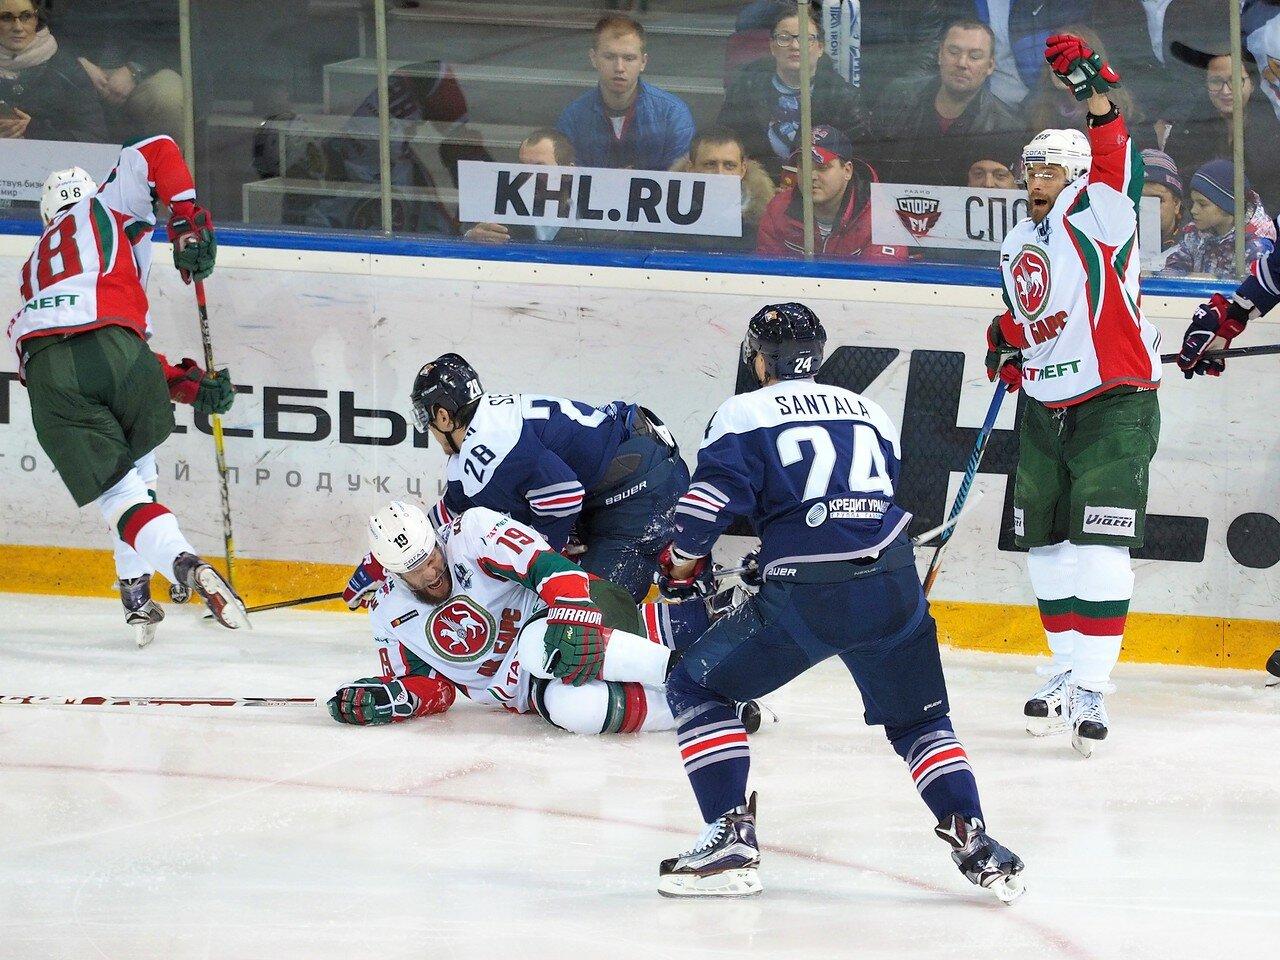 40 Первая игра финала плей-офф восточной конференции 2017 Металлург - АкБарс 24.03.2017